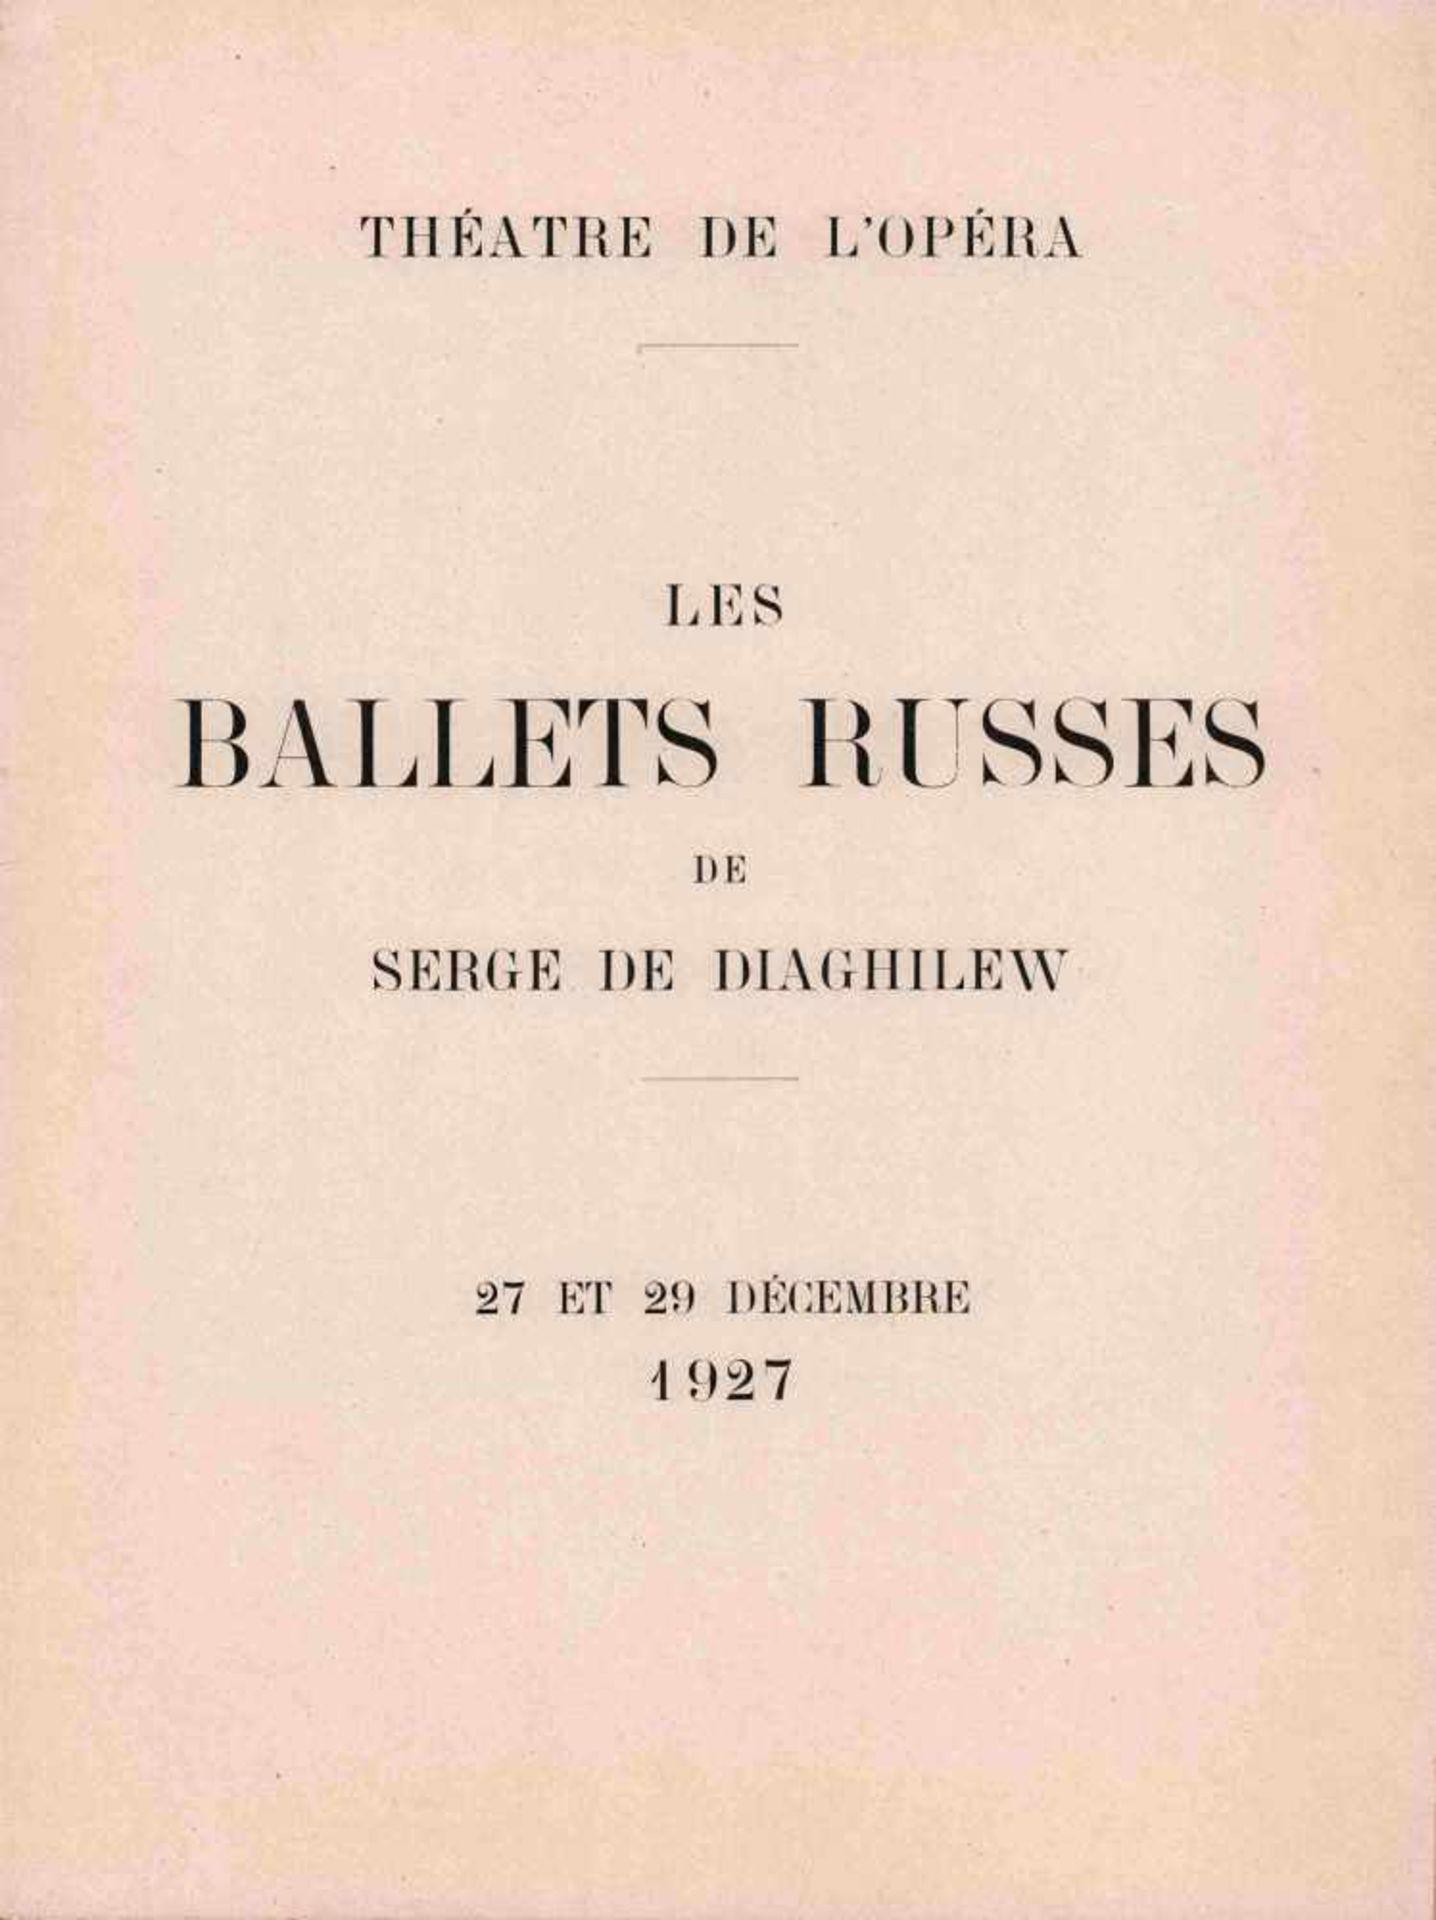 [BALLETS RUSSES, DIAGHILEW] Ballets Russes von Sergei Djagilew der Aufführung vom 27. und 29. - Bild 2 aus 2